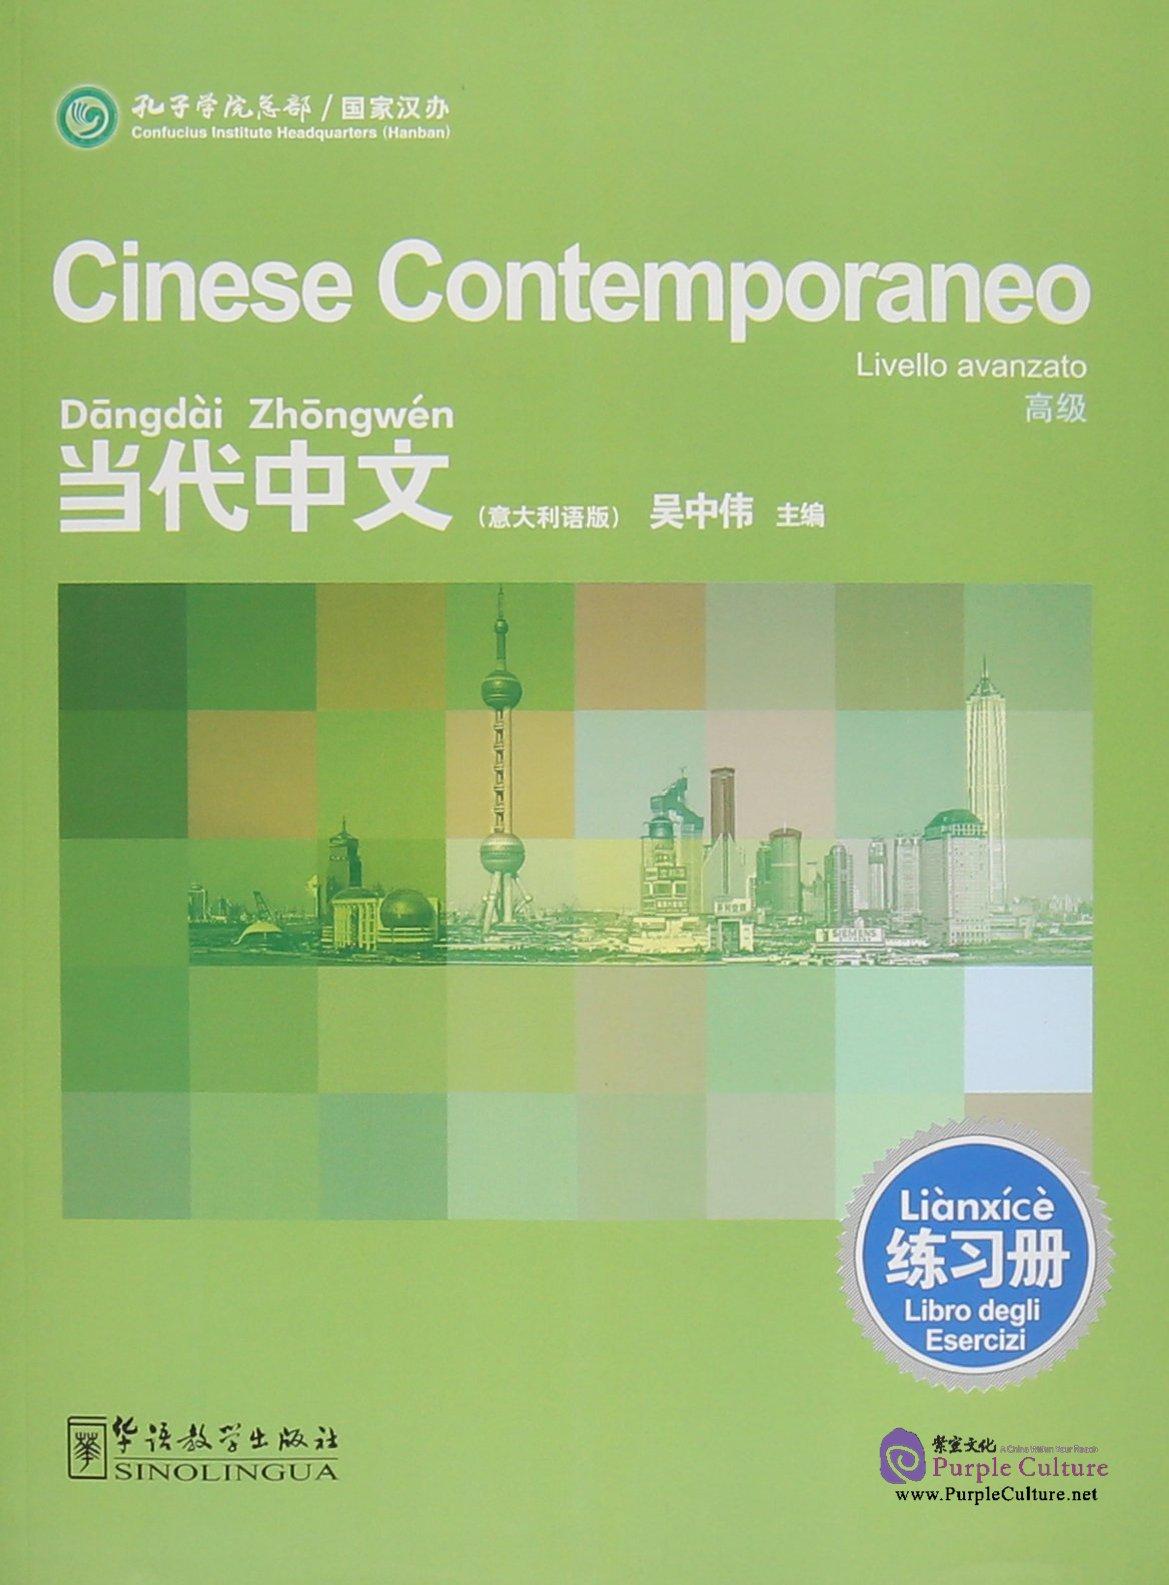 Cinese Contemporaneo Livello Avanzato Libro Degli